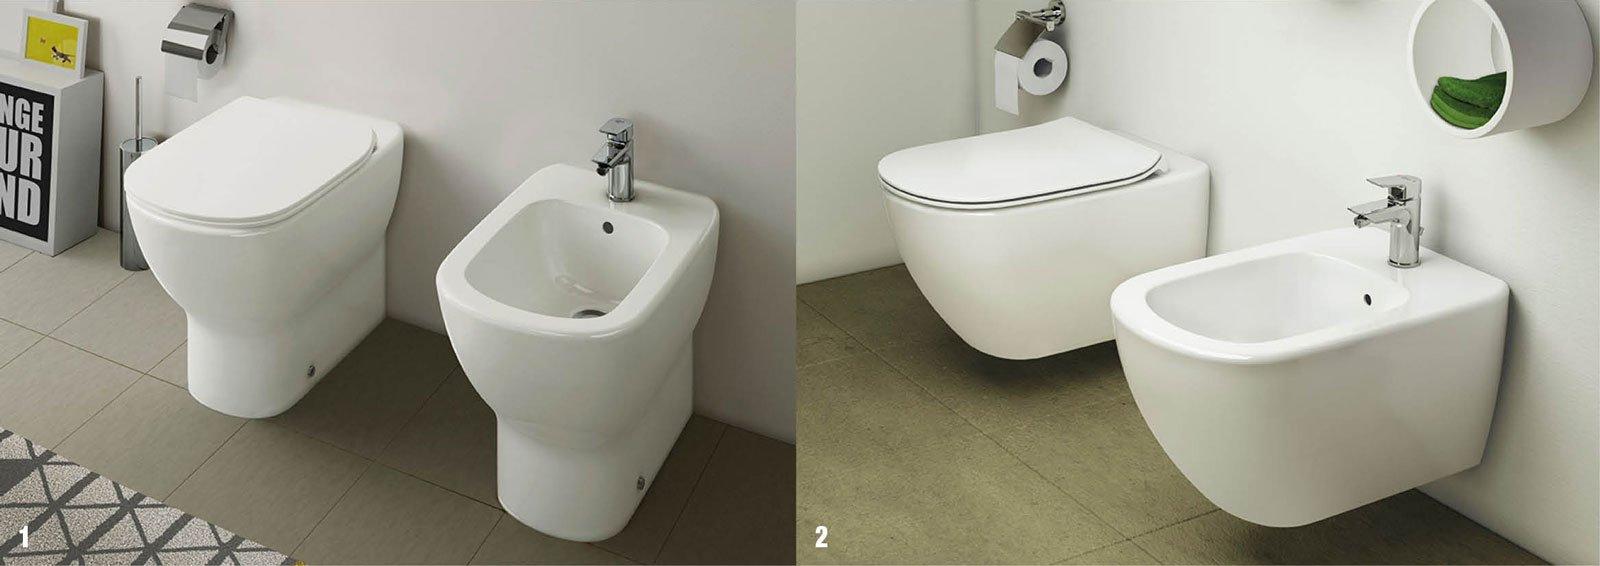 Tesi e ceramix per un bagno di tendenza cose di casa for Rubinetti ideal standard prezzi